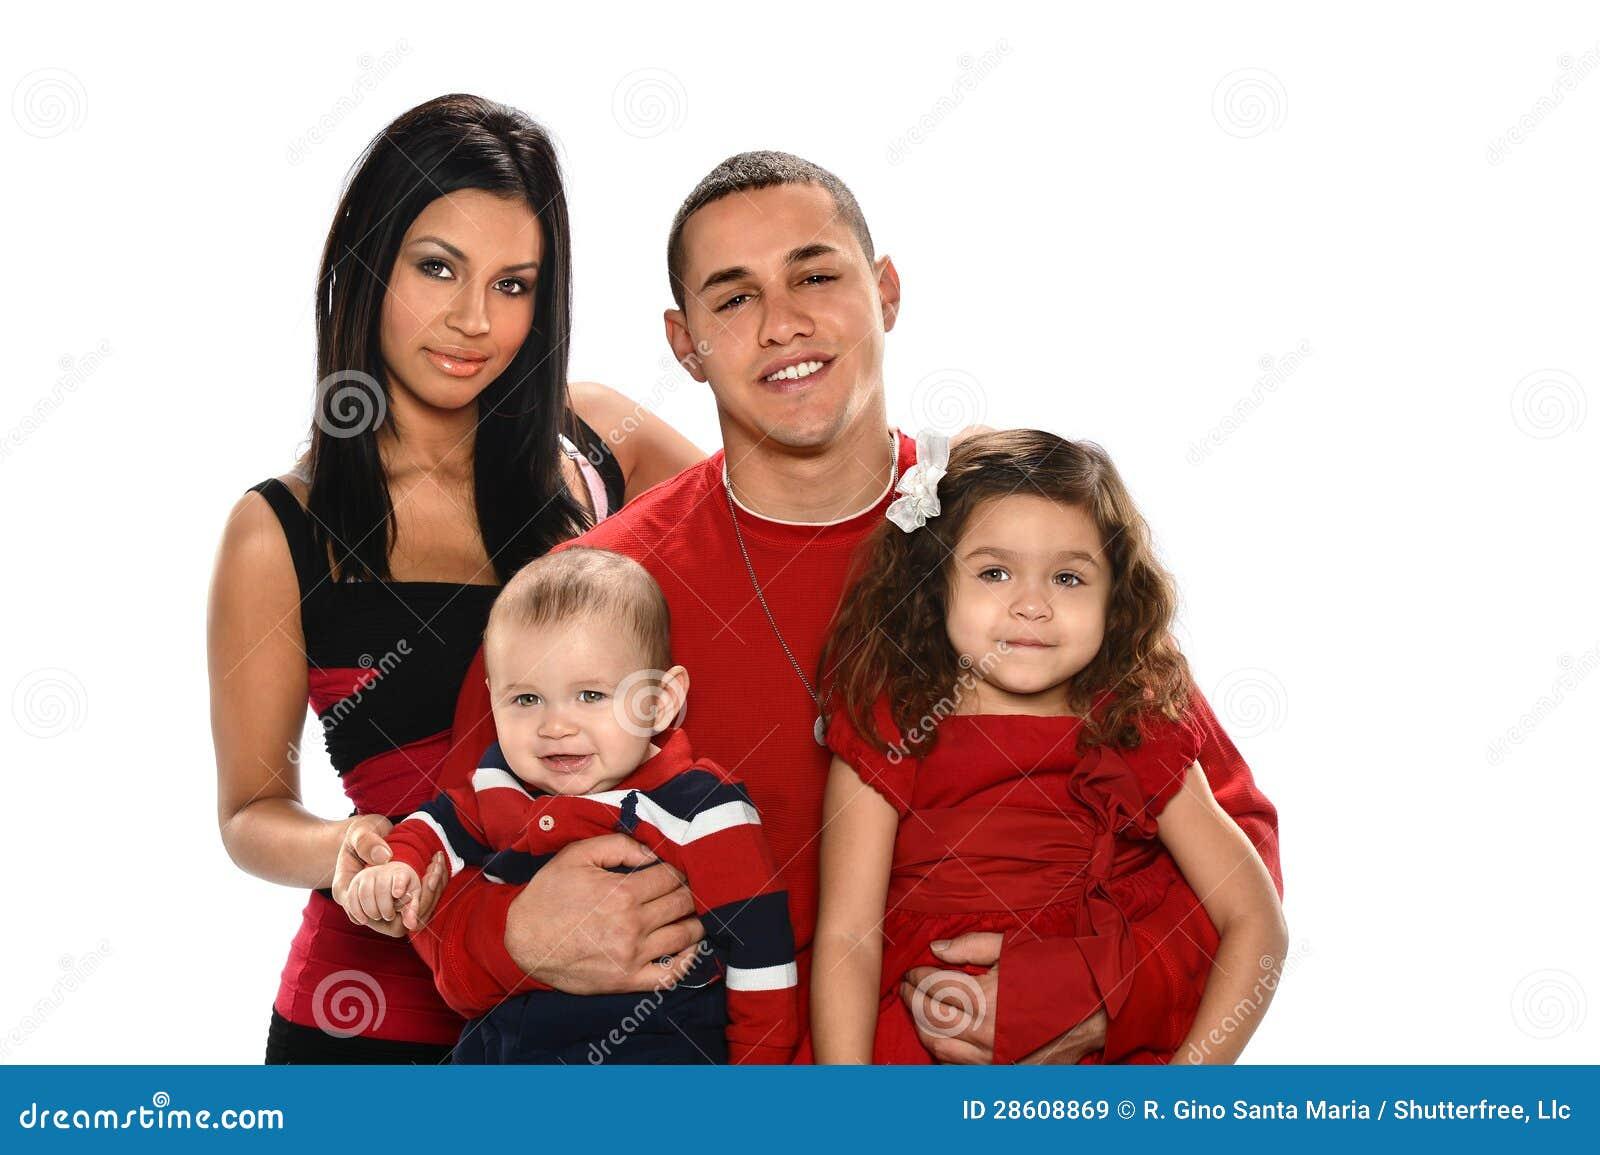 Hispanic Family Royalty Free Stock Images Image 28608869